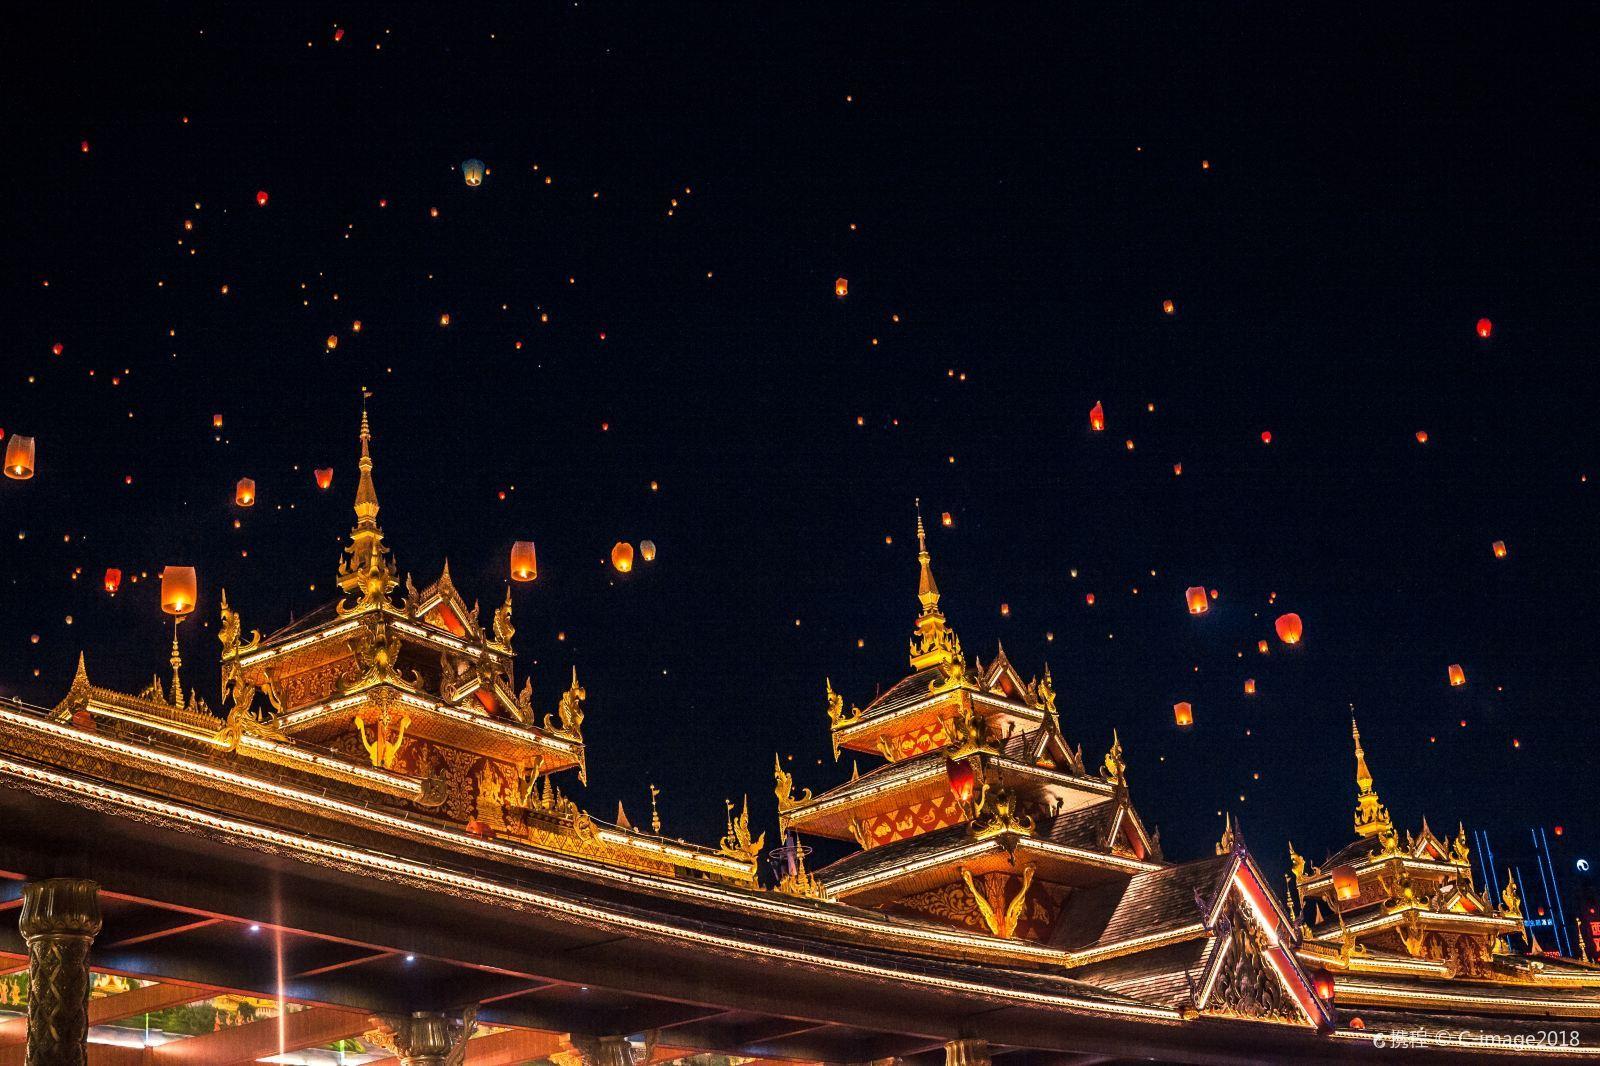 丽江大理5天自由行策略,云南丽江旅游在哪个月最好?